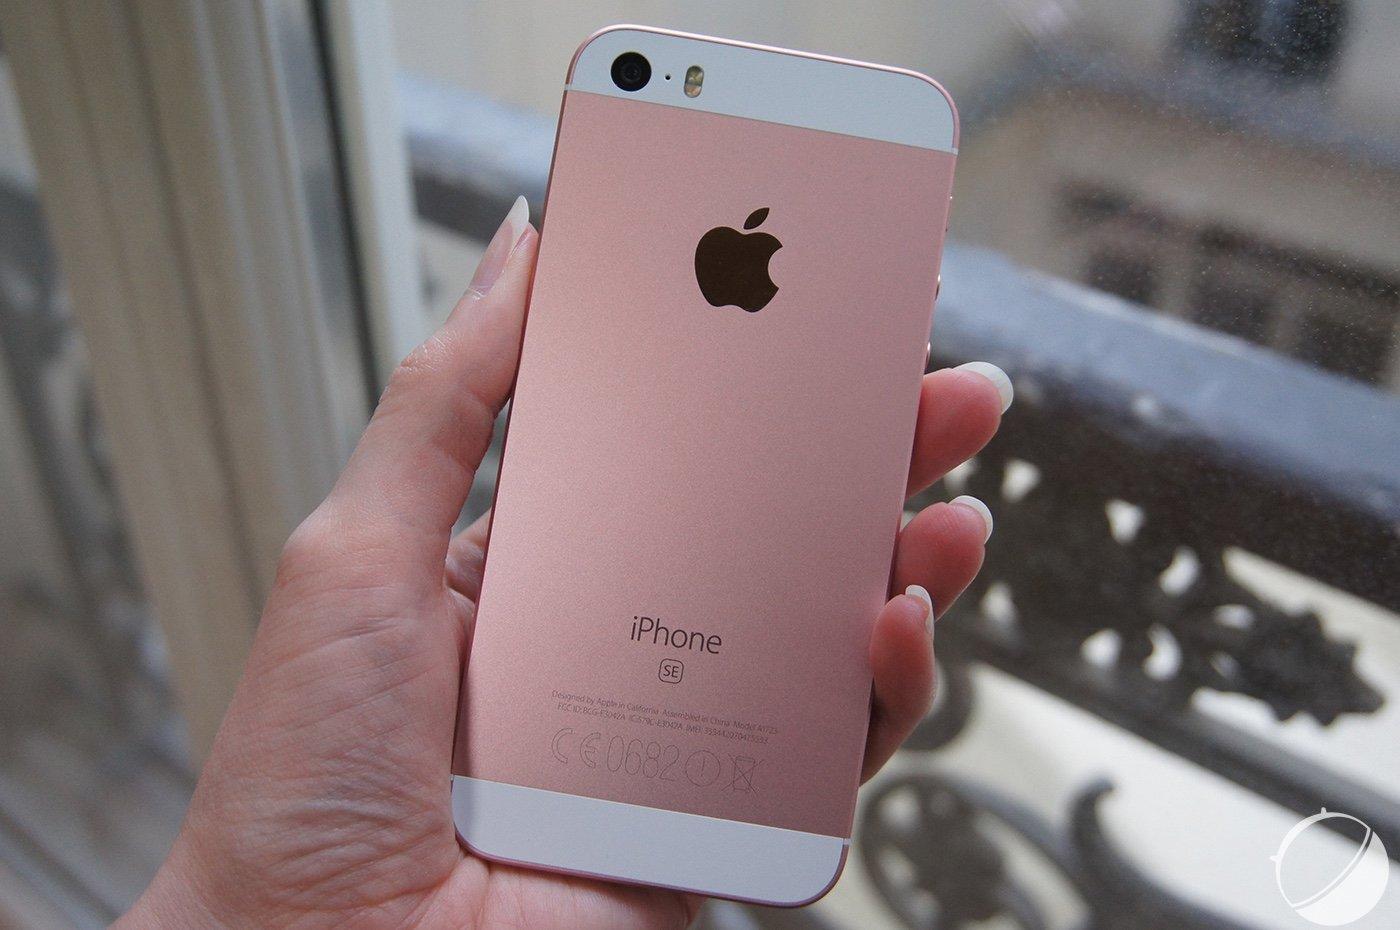 iPhone bridés: Apple paie 113 millions de dollars pour enterrer le «Batterygate»